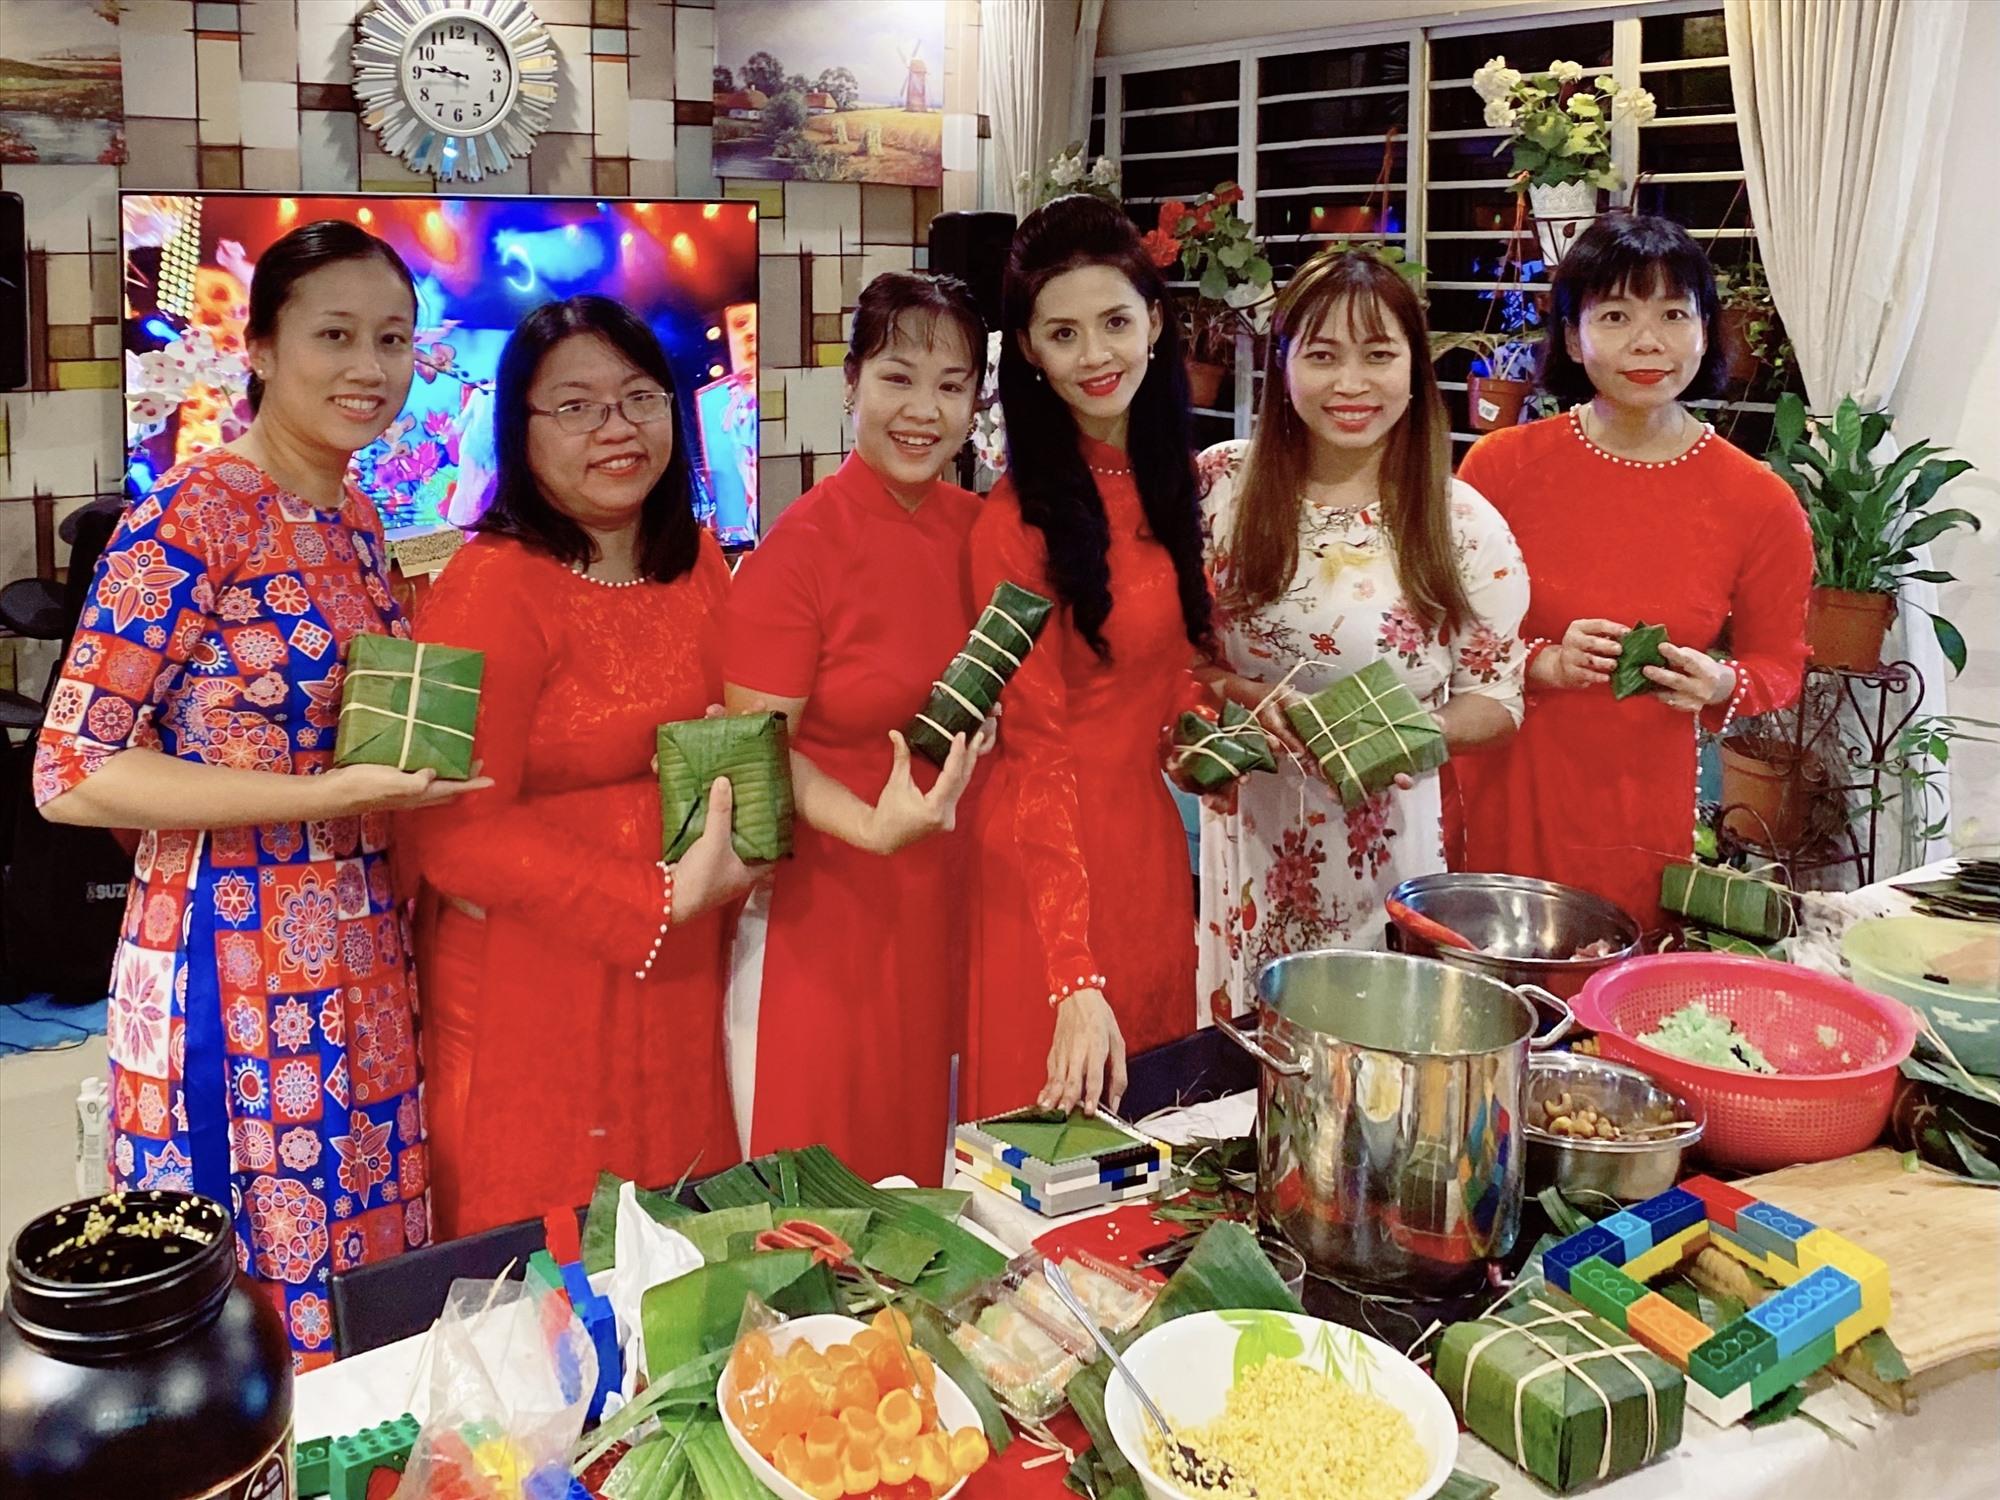 Tác giả cùng bạn bè đón Tết xa nhà - giữ gìn và phát huy truyền thống Việt.